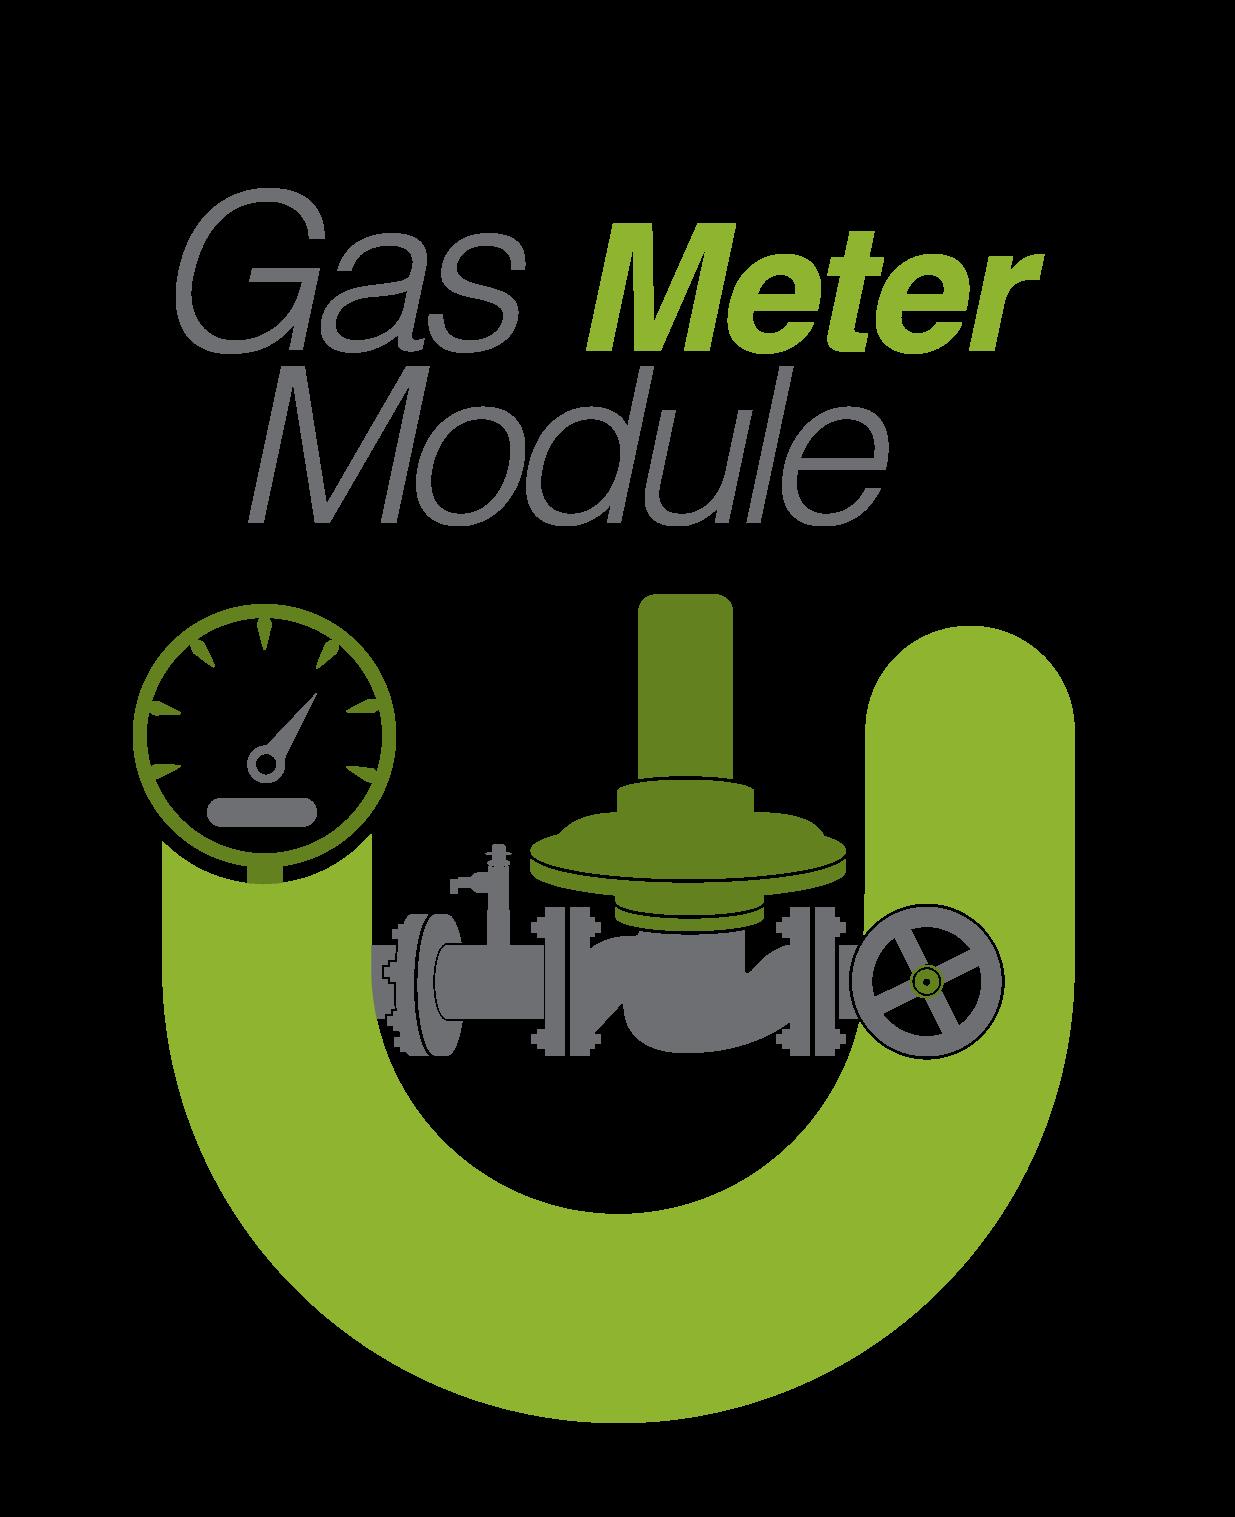 Gas Meter Module